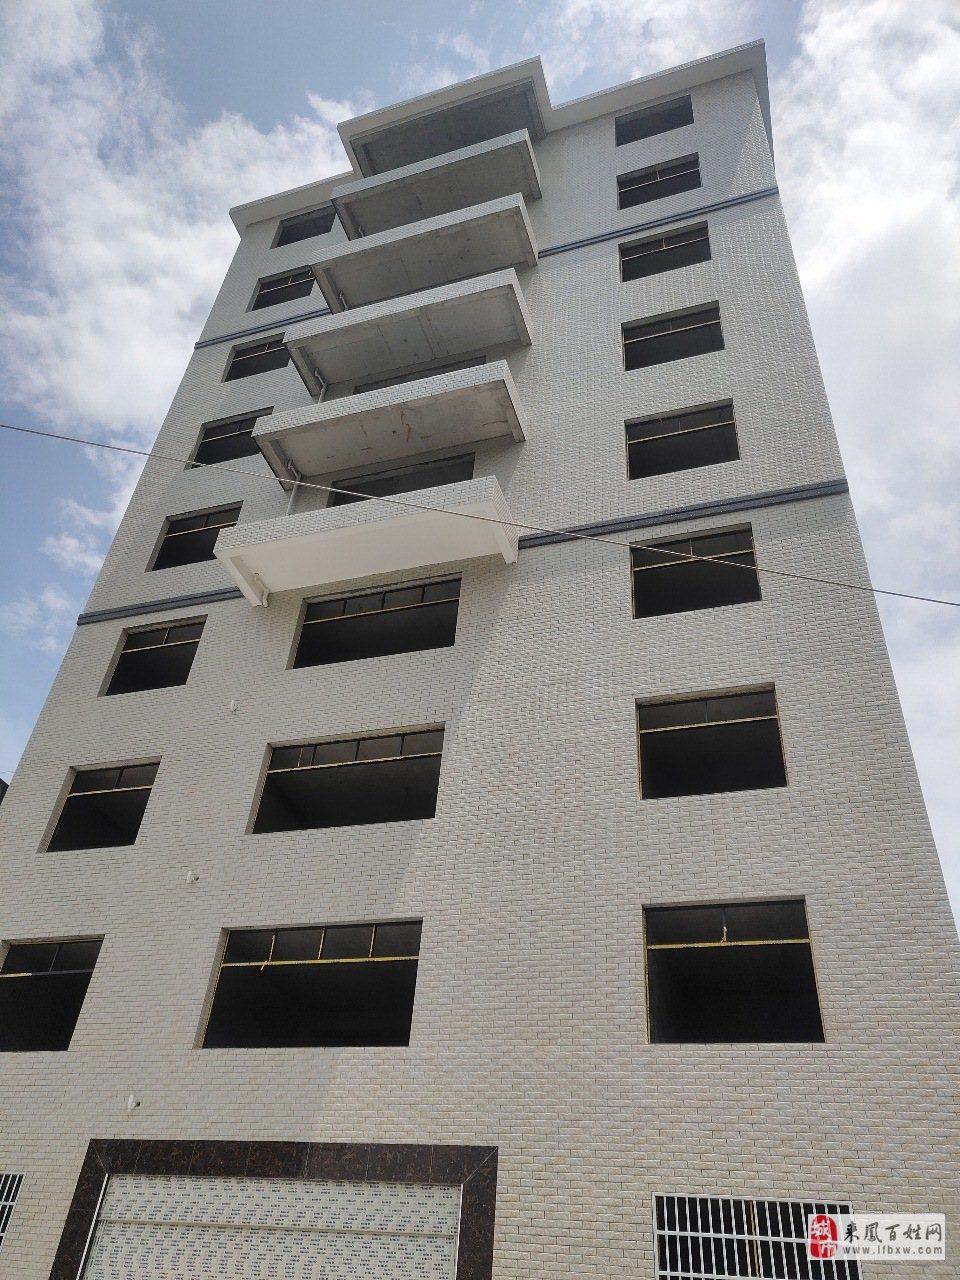 老虎洞電梯小產權房23.8萬元